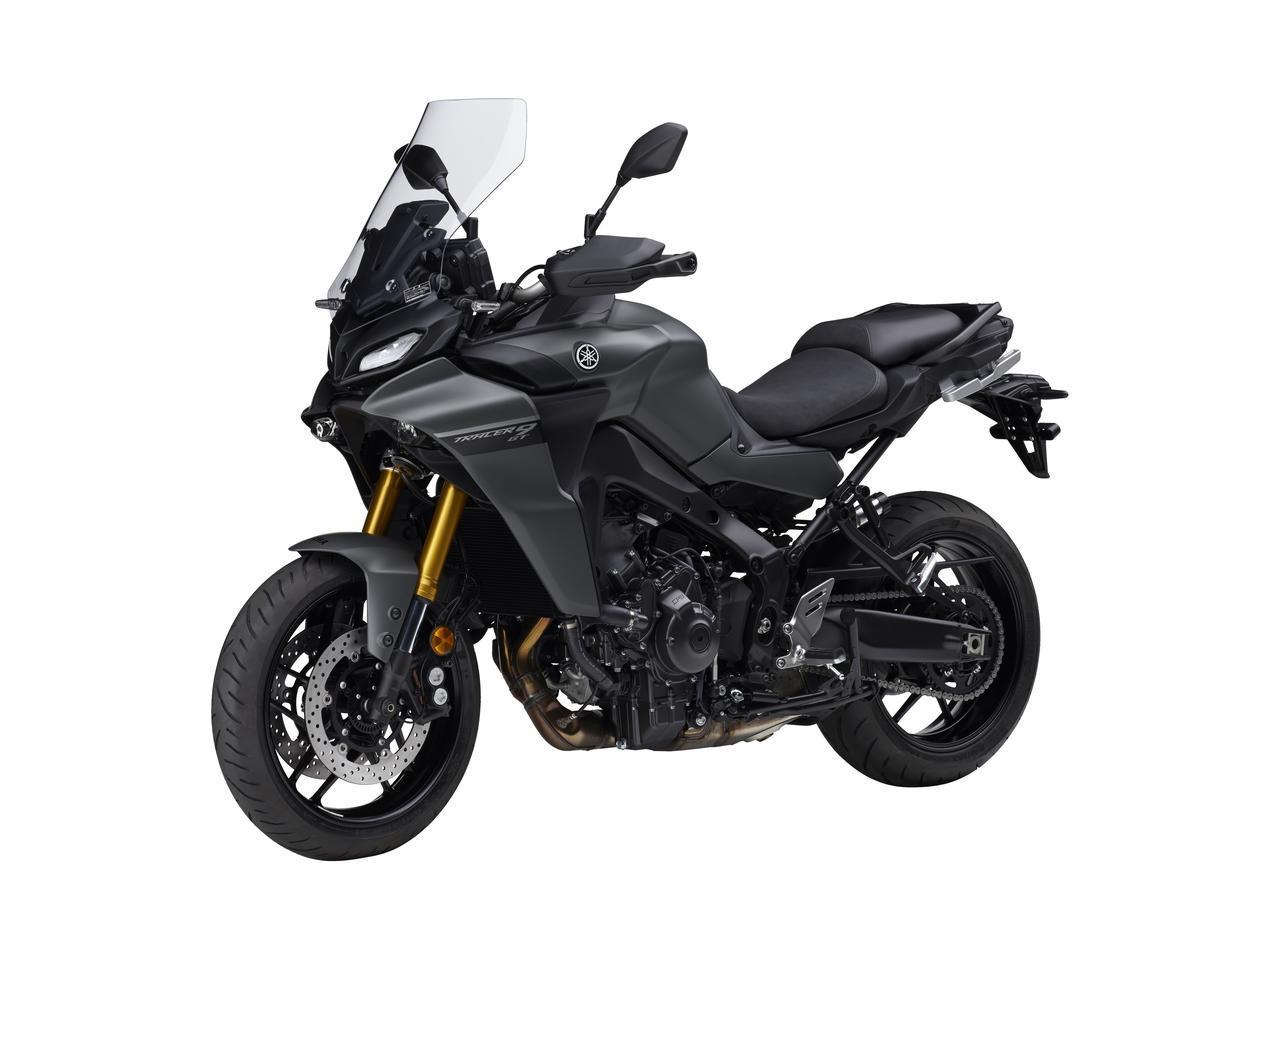 画像3: ヤマハ「トレーサー9 GT」発売! トレーサー900から全面的に進化を遂げた、新たなるスポーツツーリングバイク